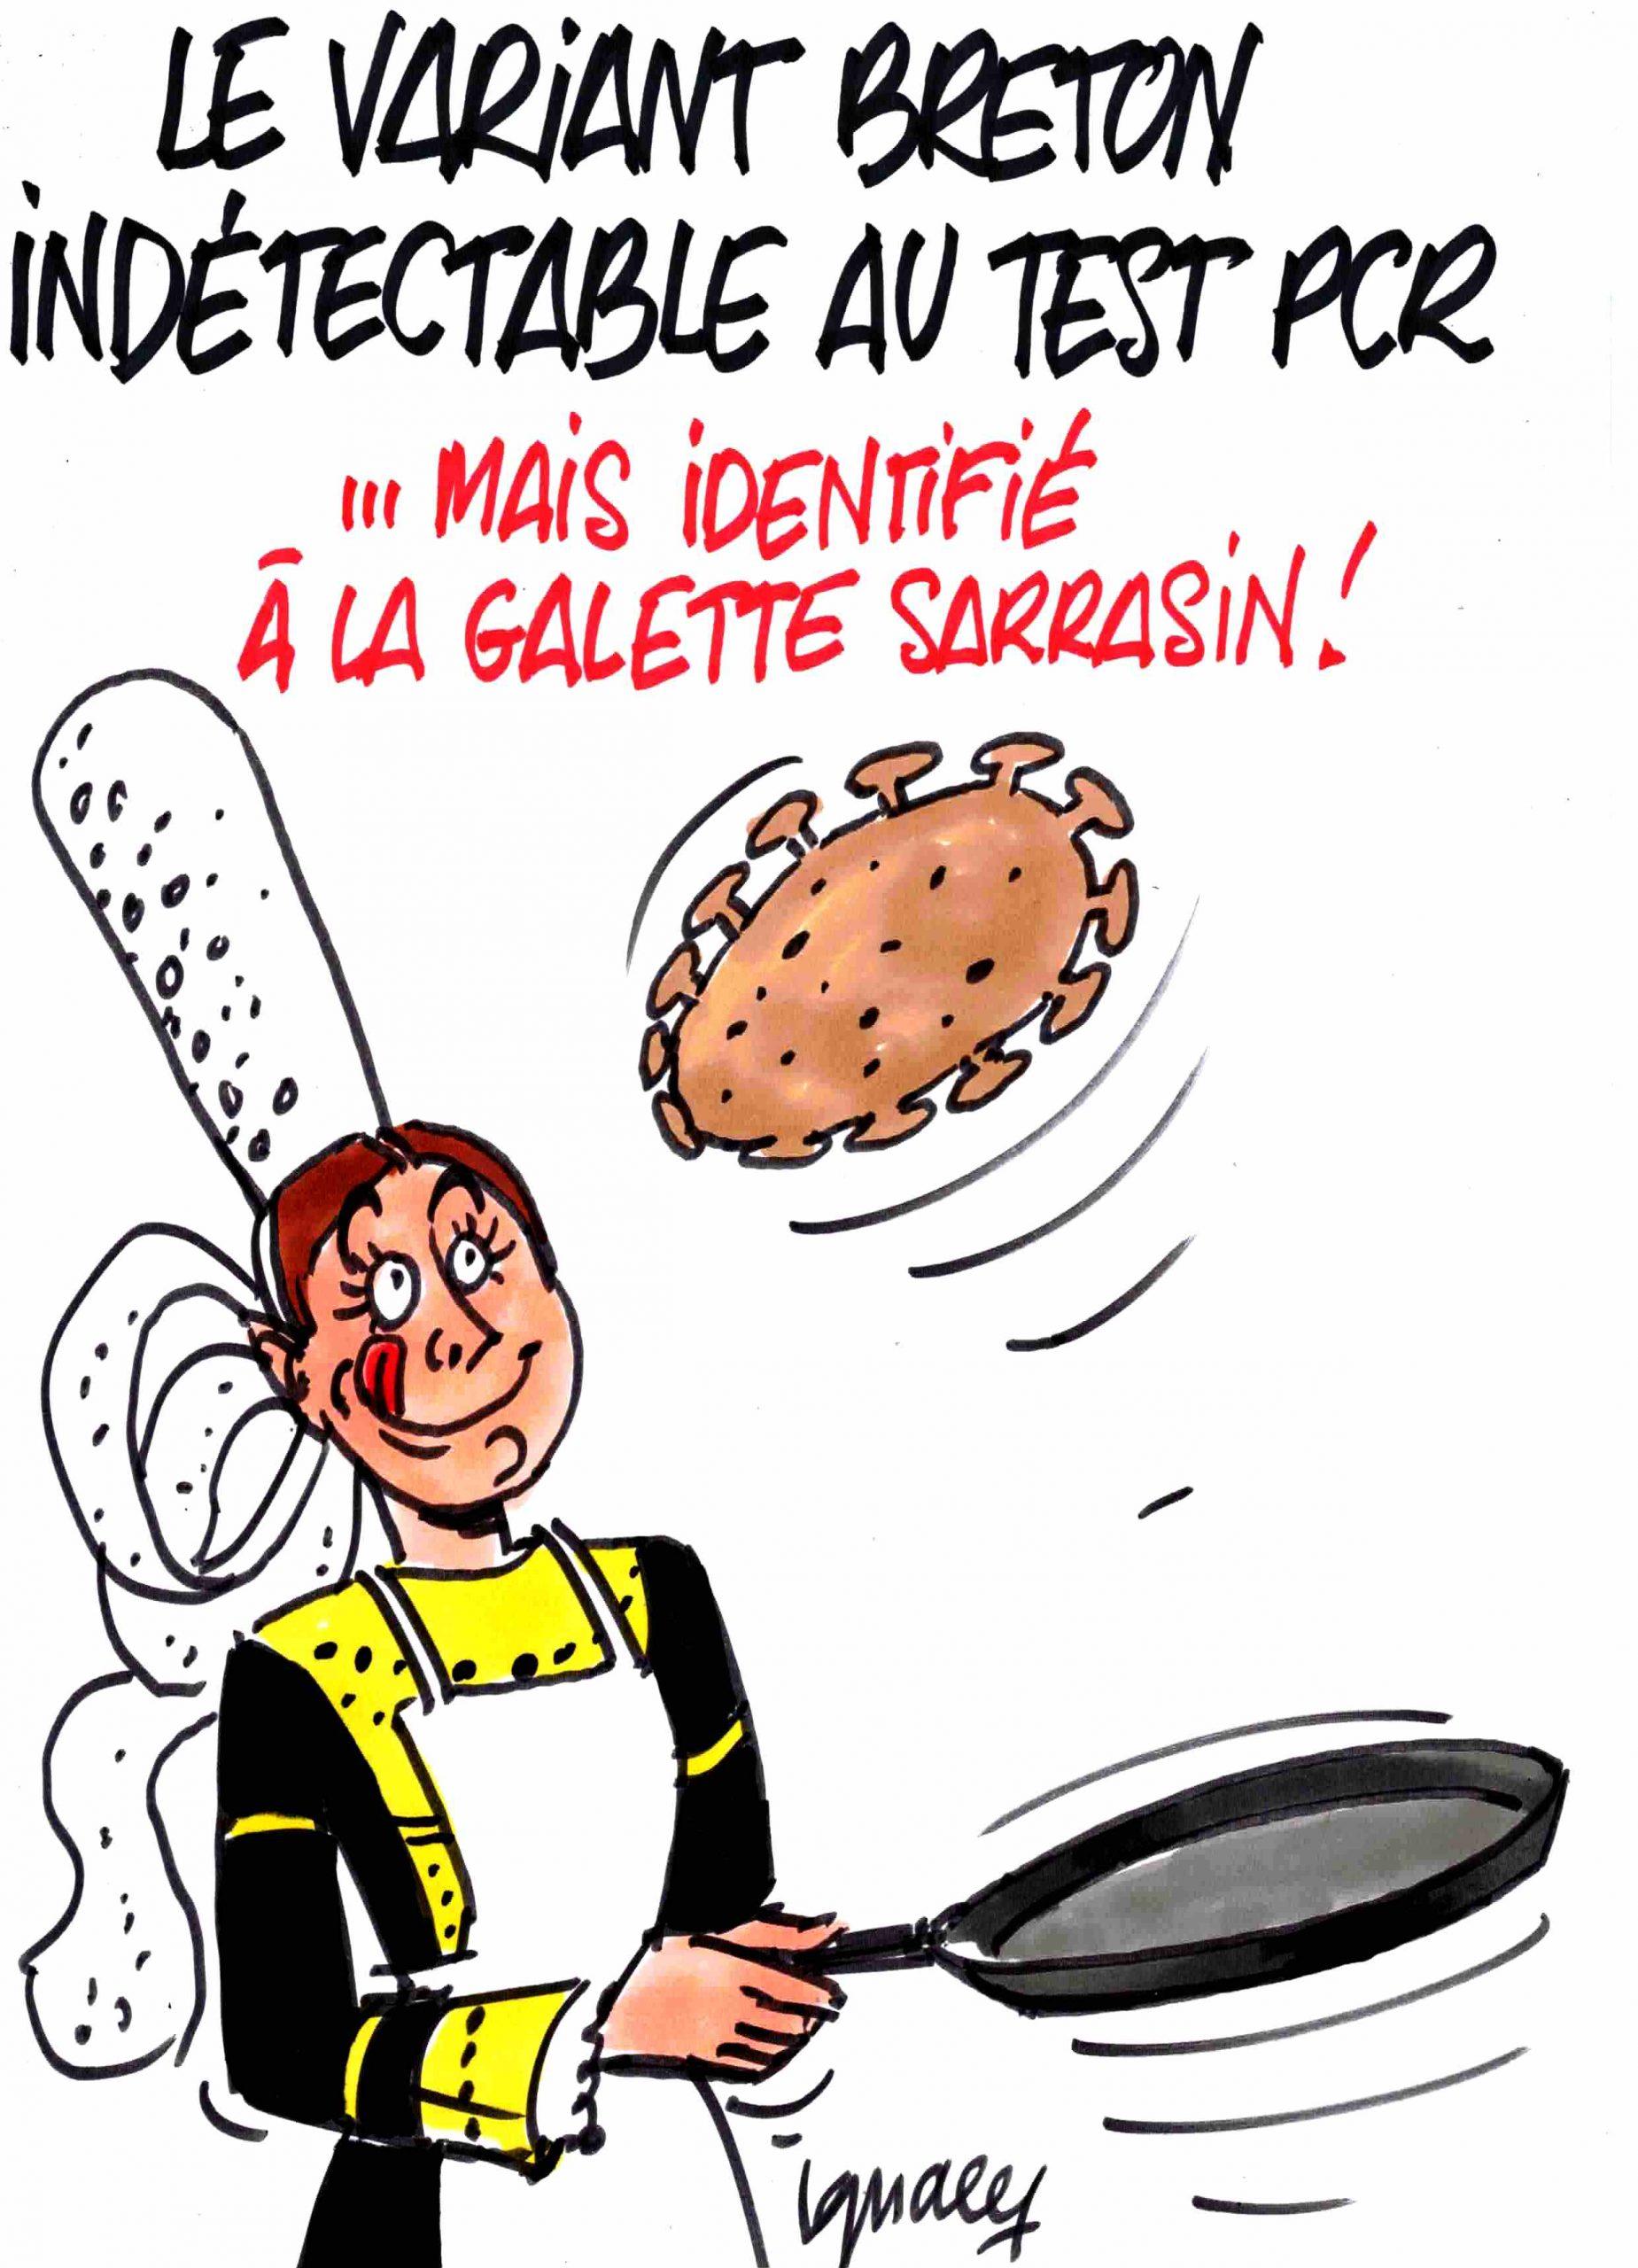 Ignace - Le variant breton indétectable au test PCR